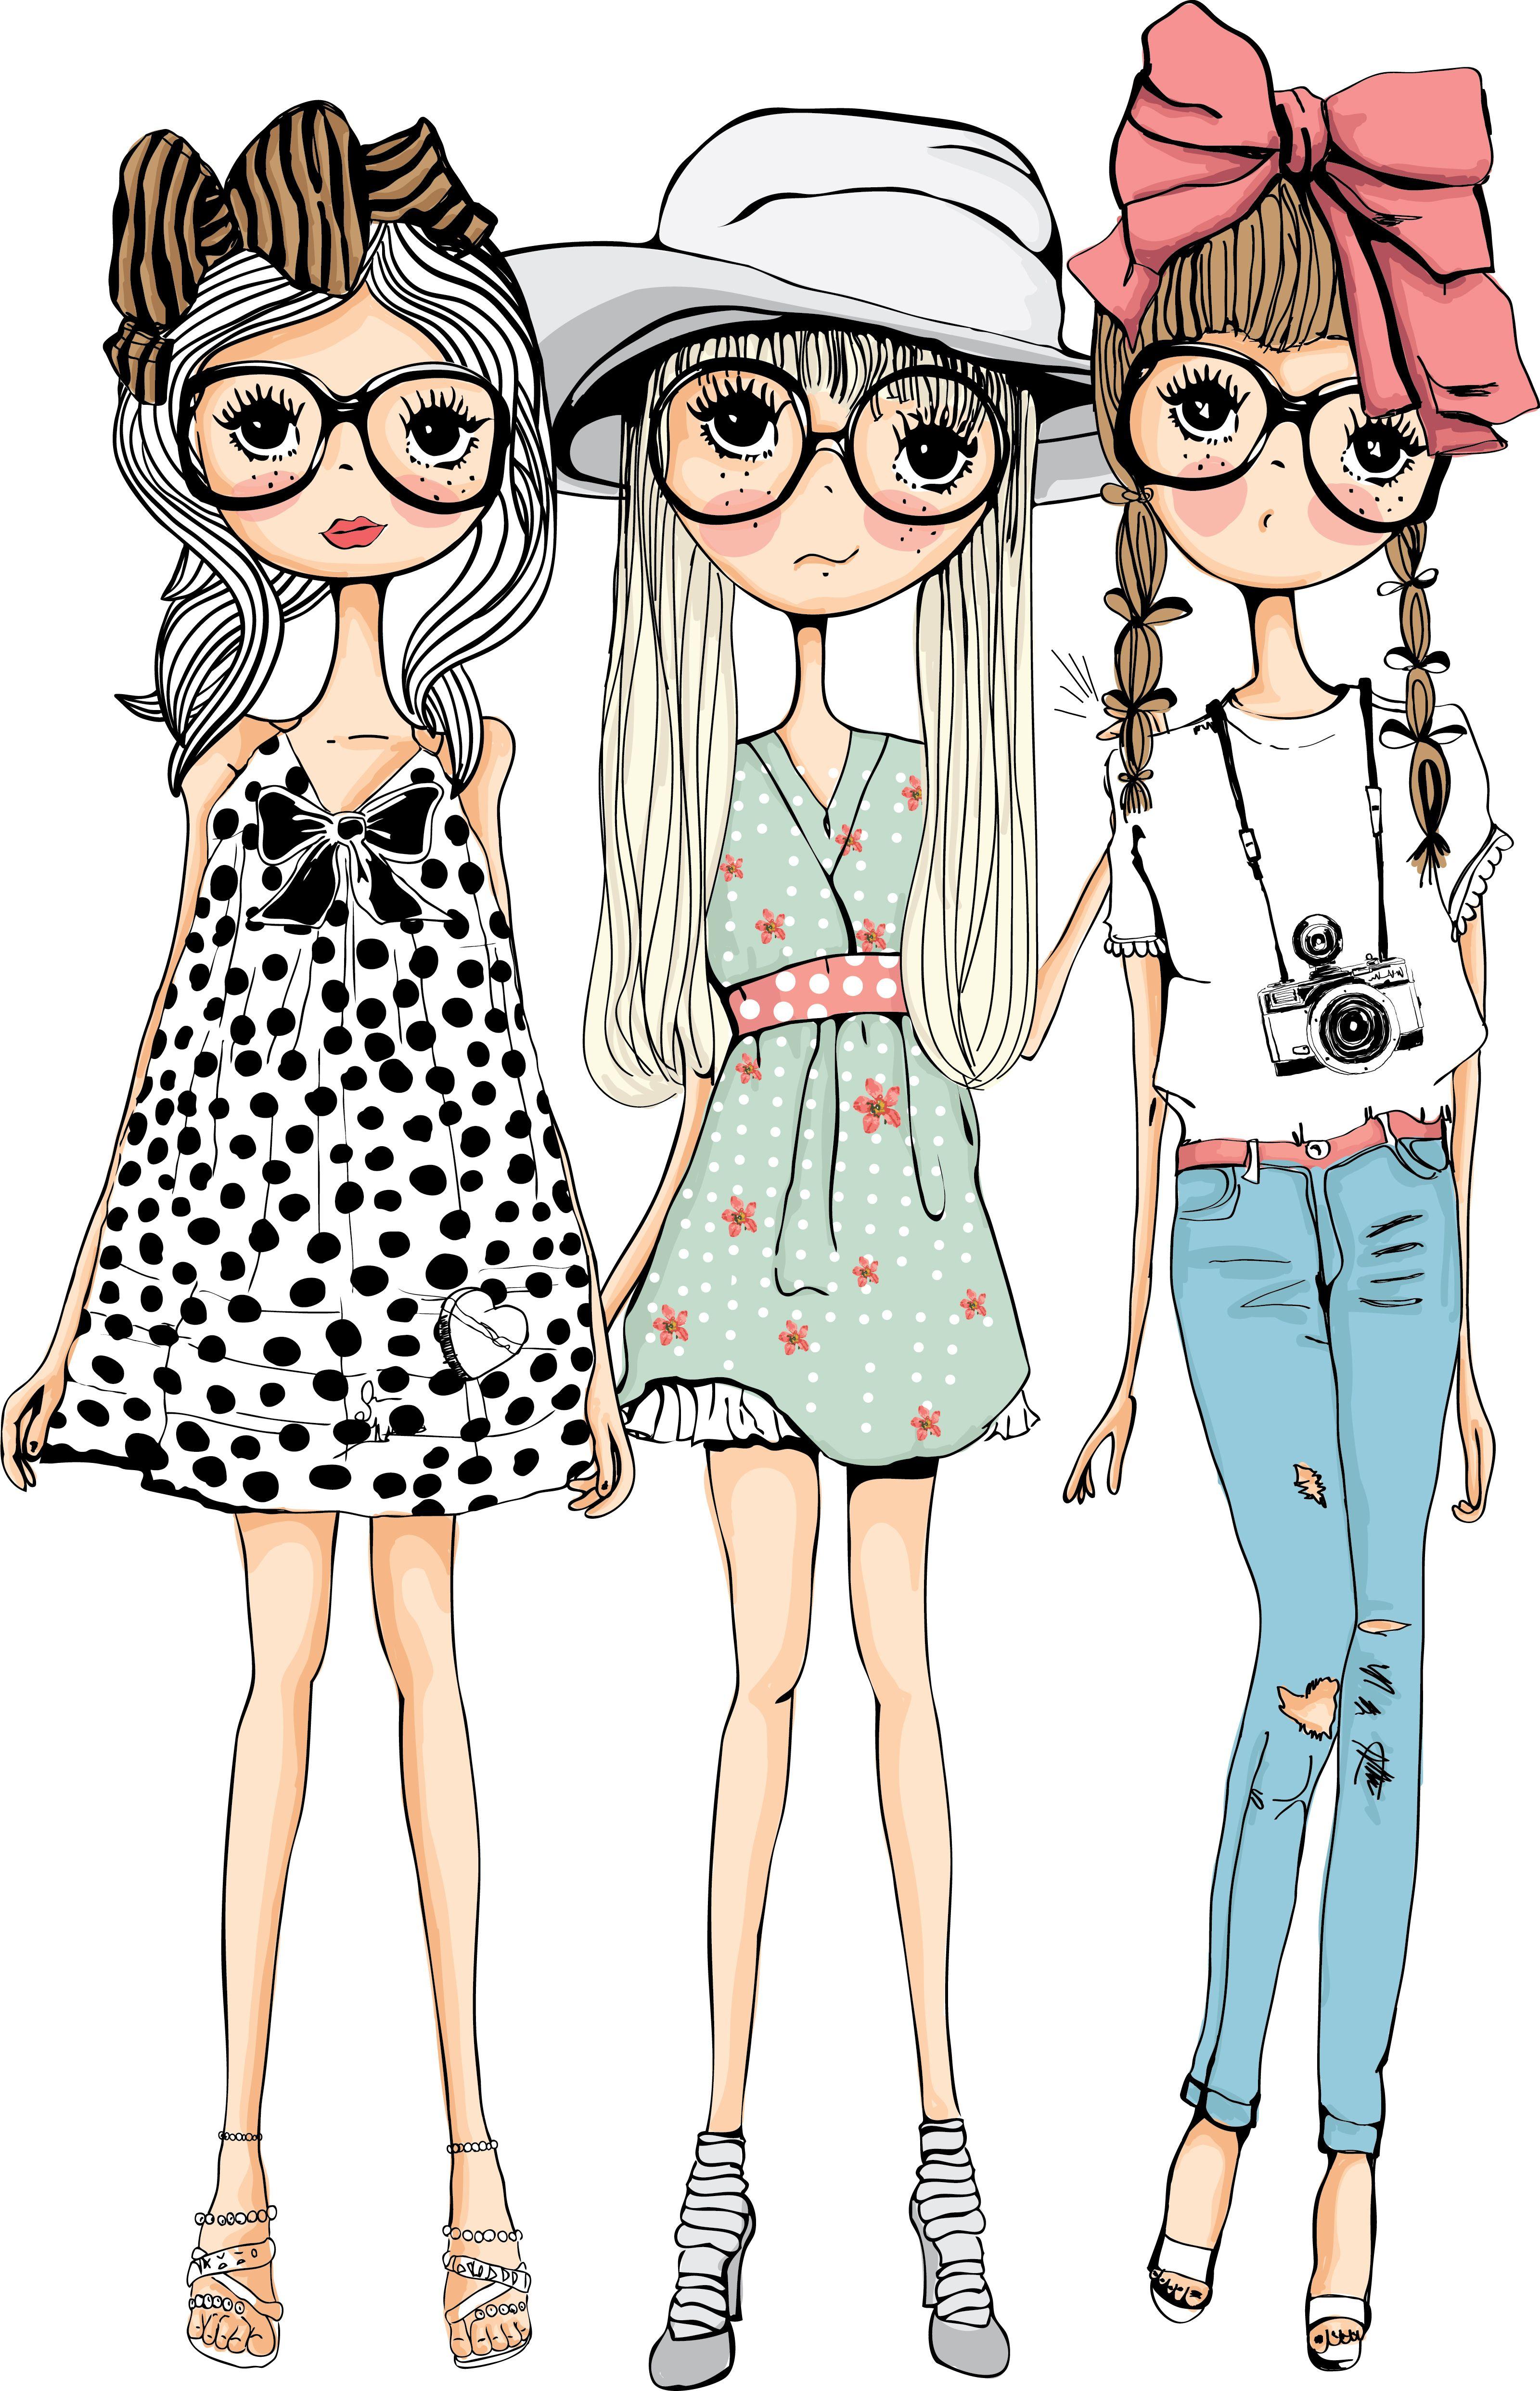 Stock Photo En 2019 Ilustraciones De Chicas Ilustración